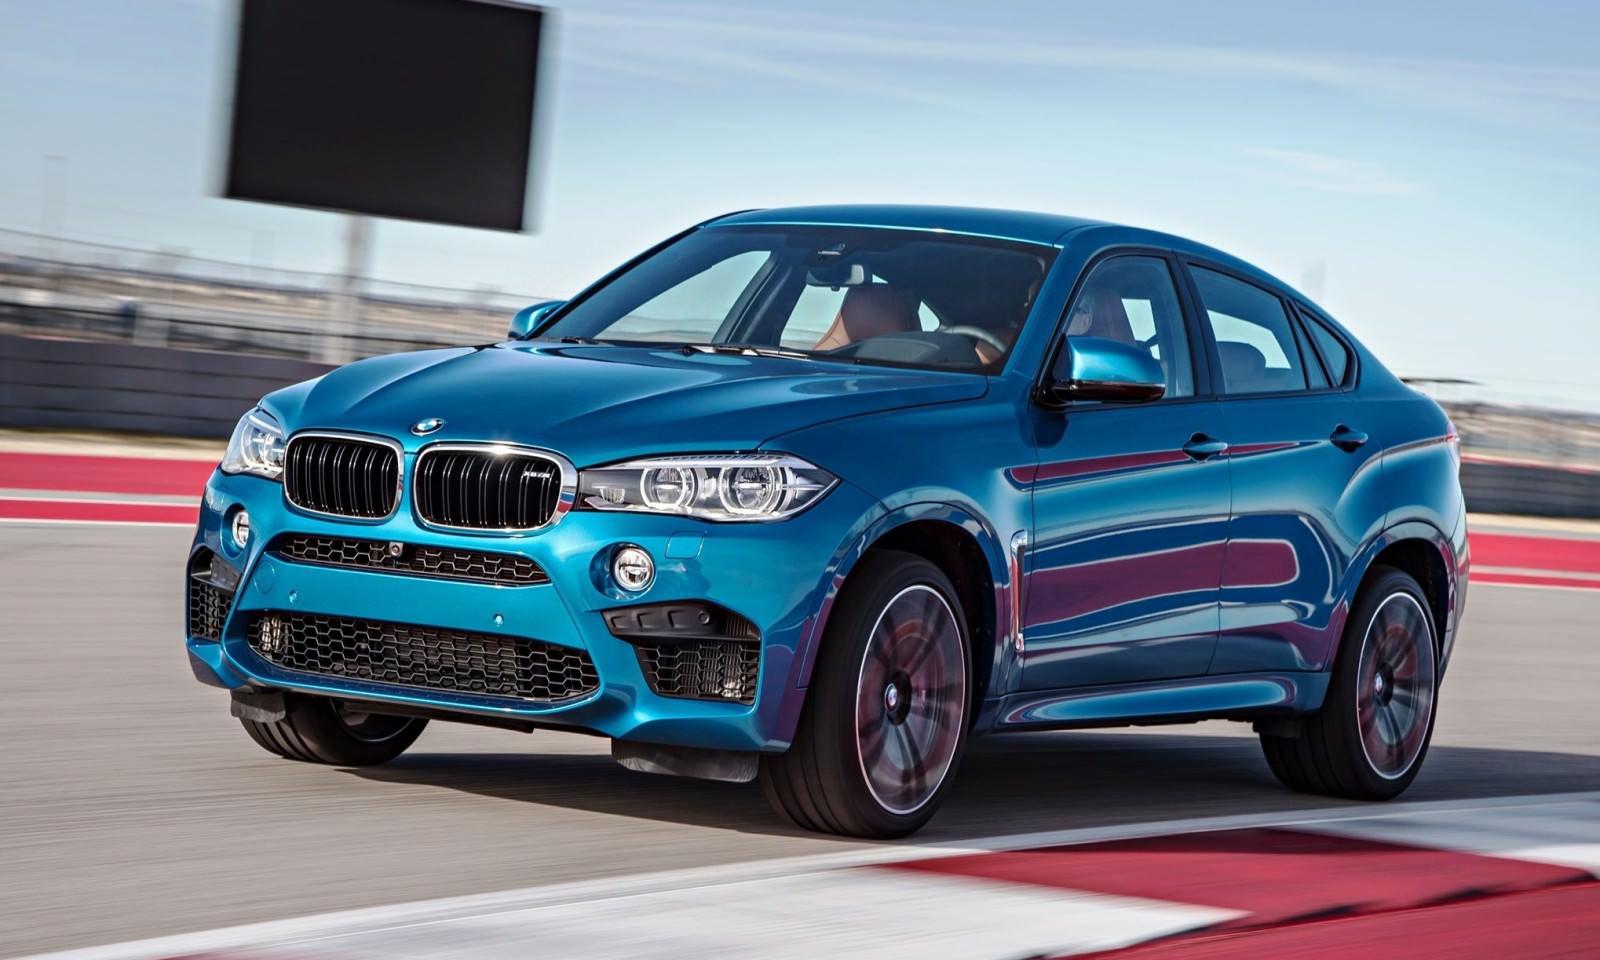 2015 BMW X6 M 62